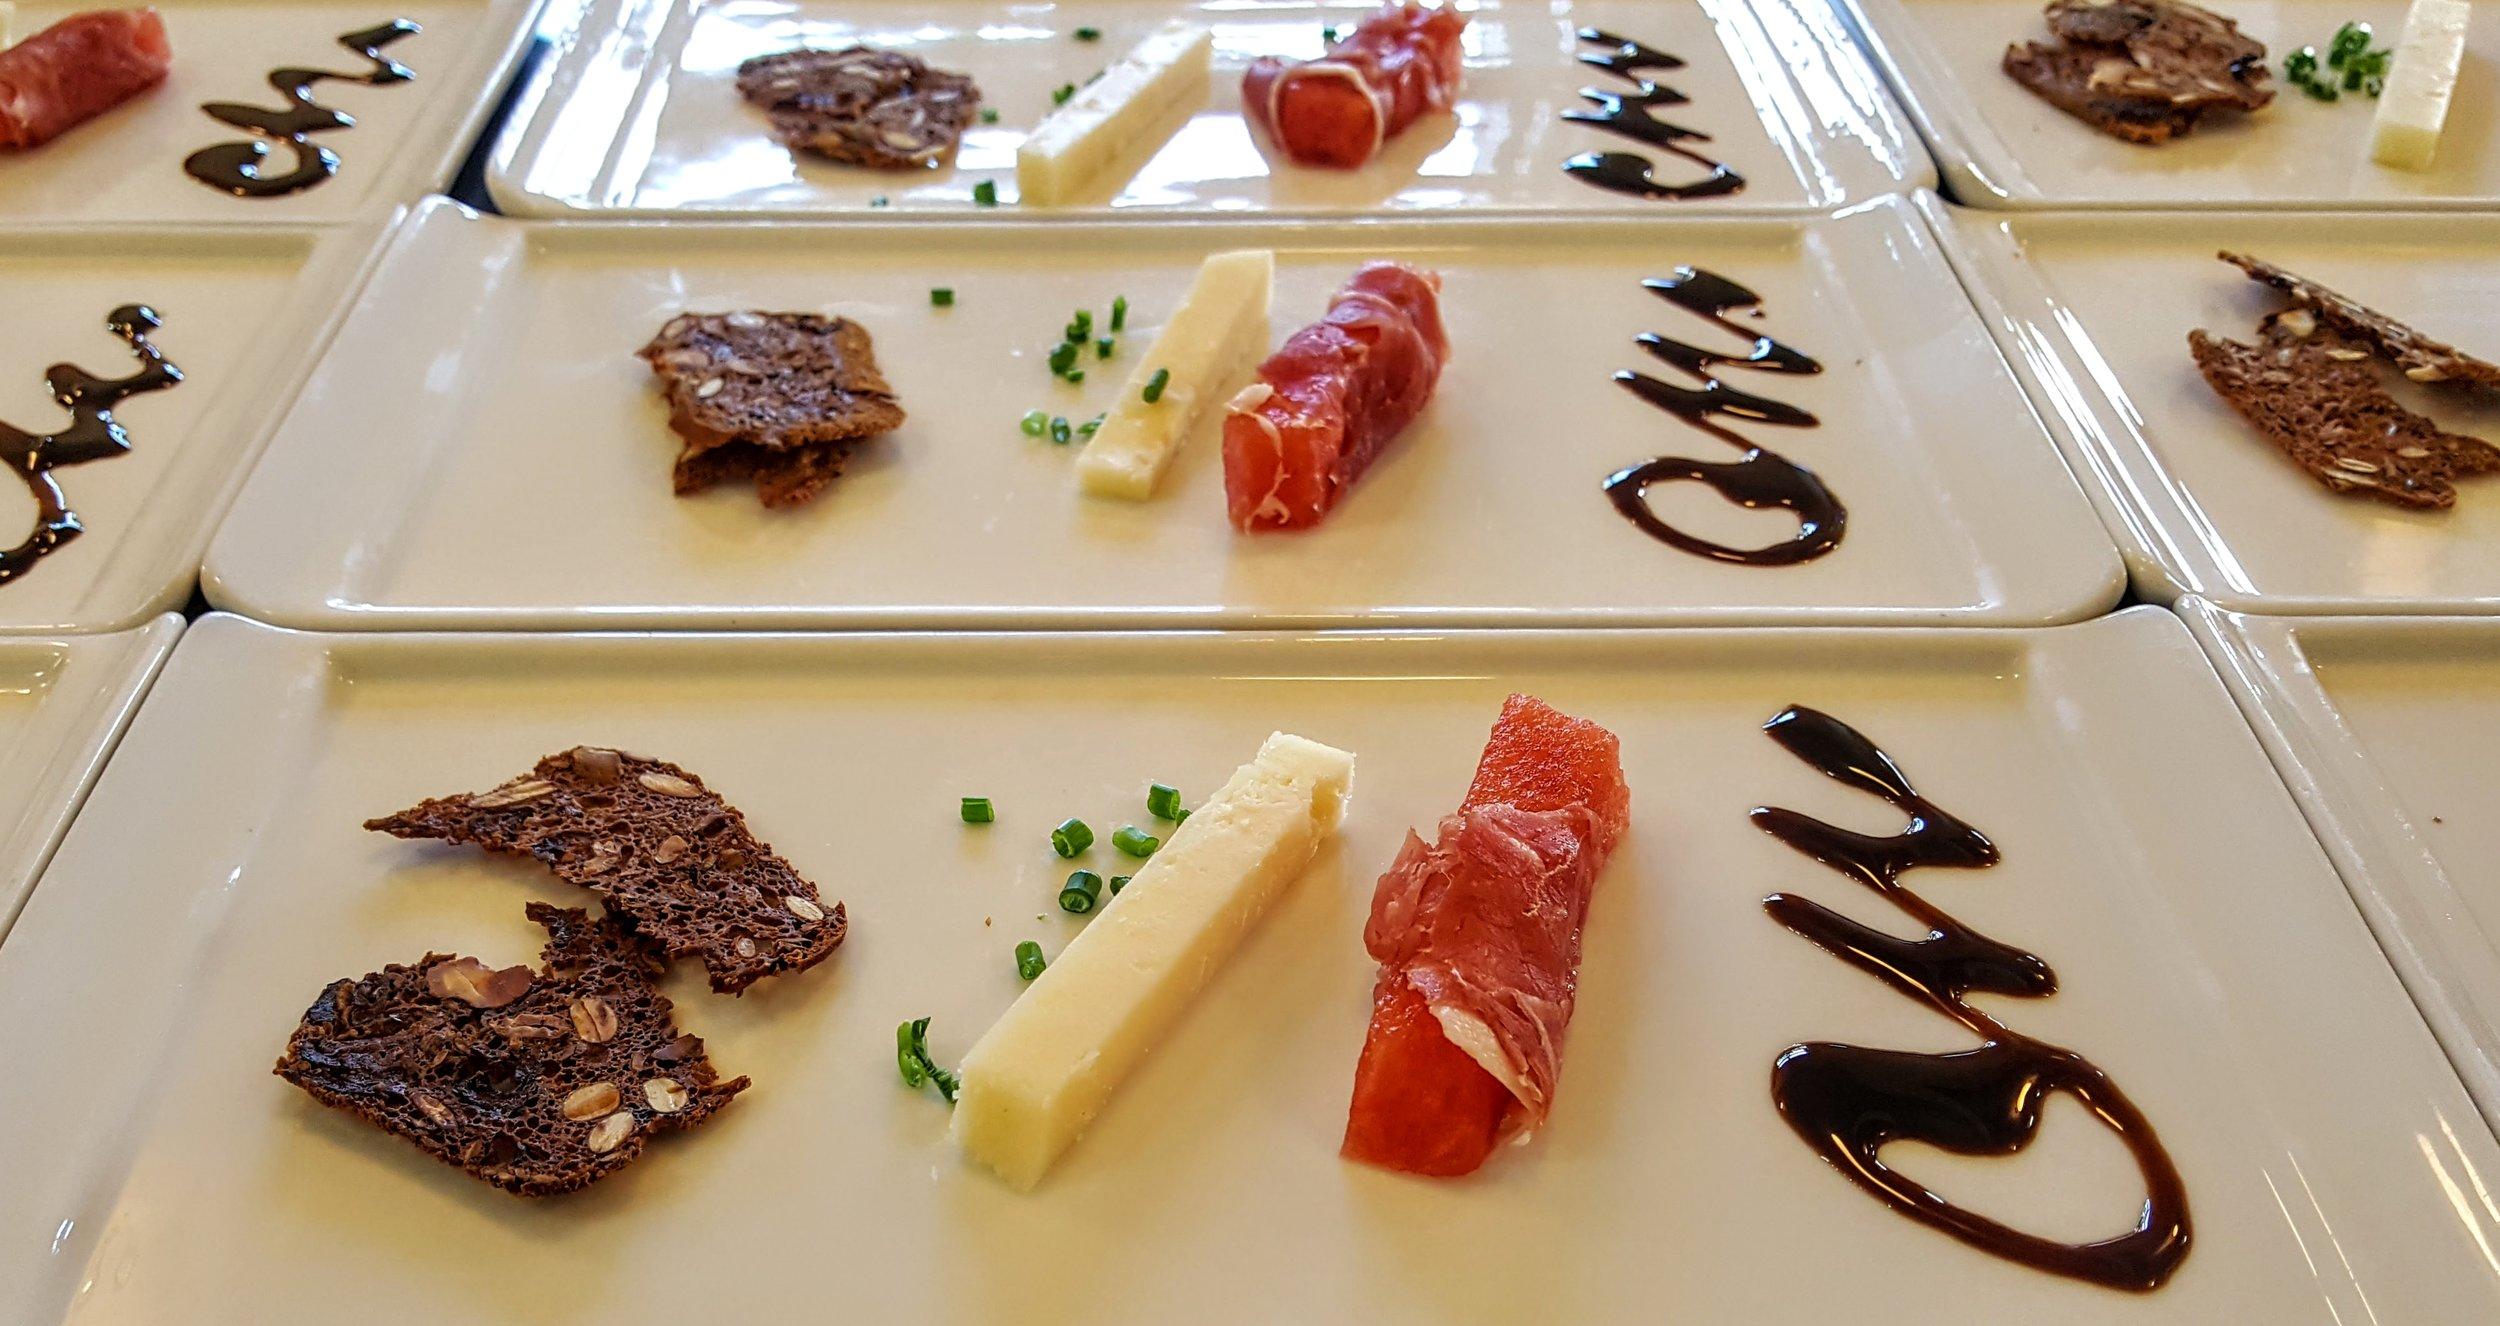 Antipasti  Prosciutto di Parma wrapped watermelon, Cougar Gold cheese